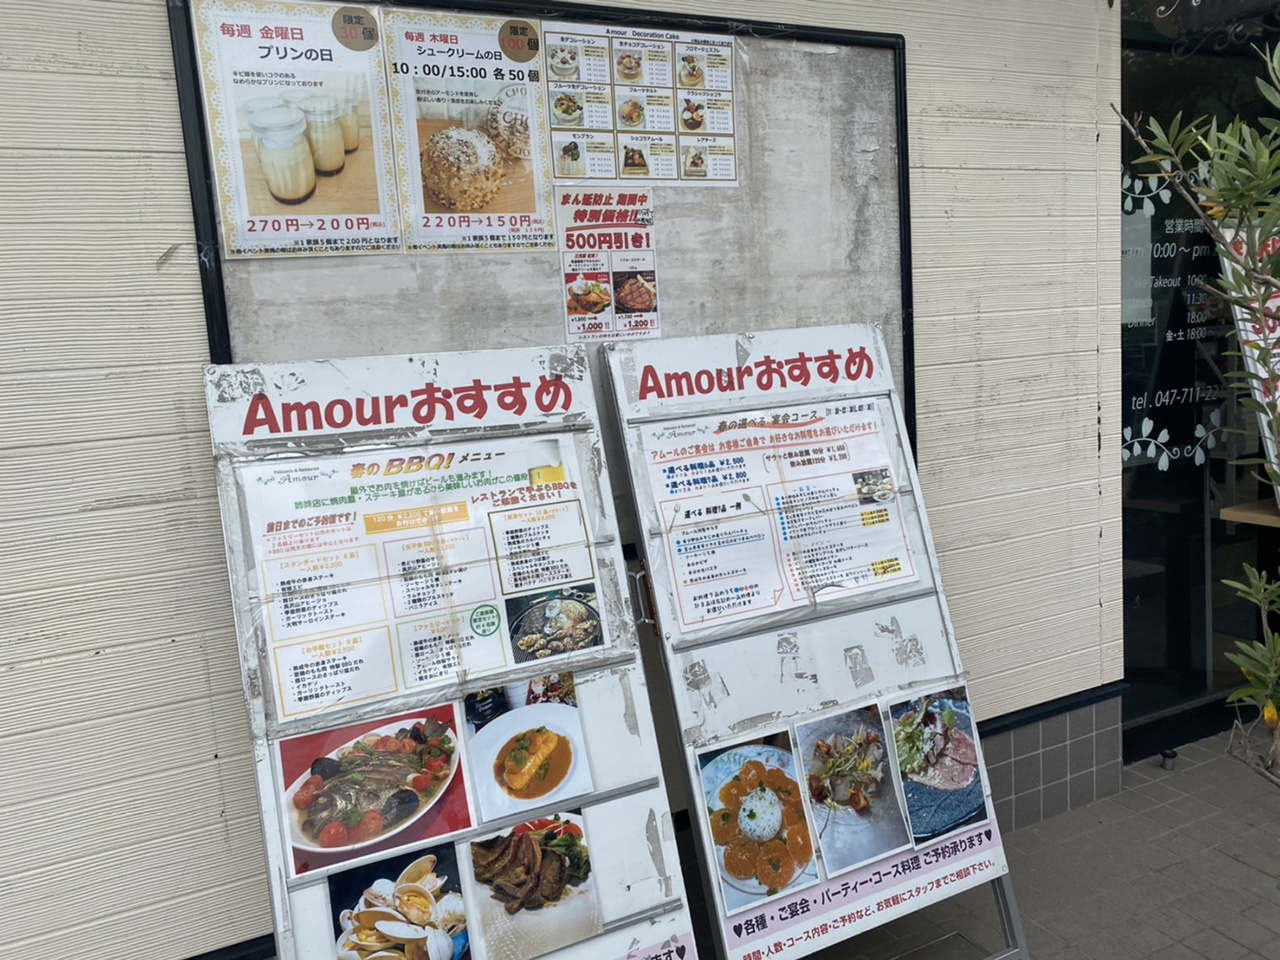 店舗入口の前にある看板の写真